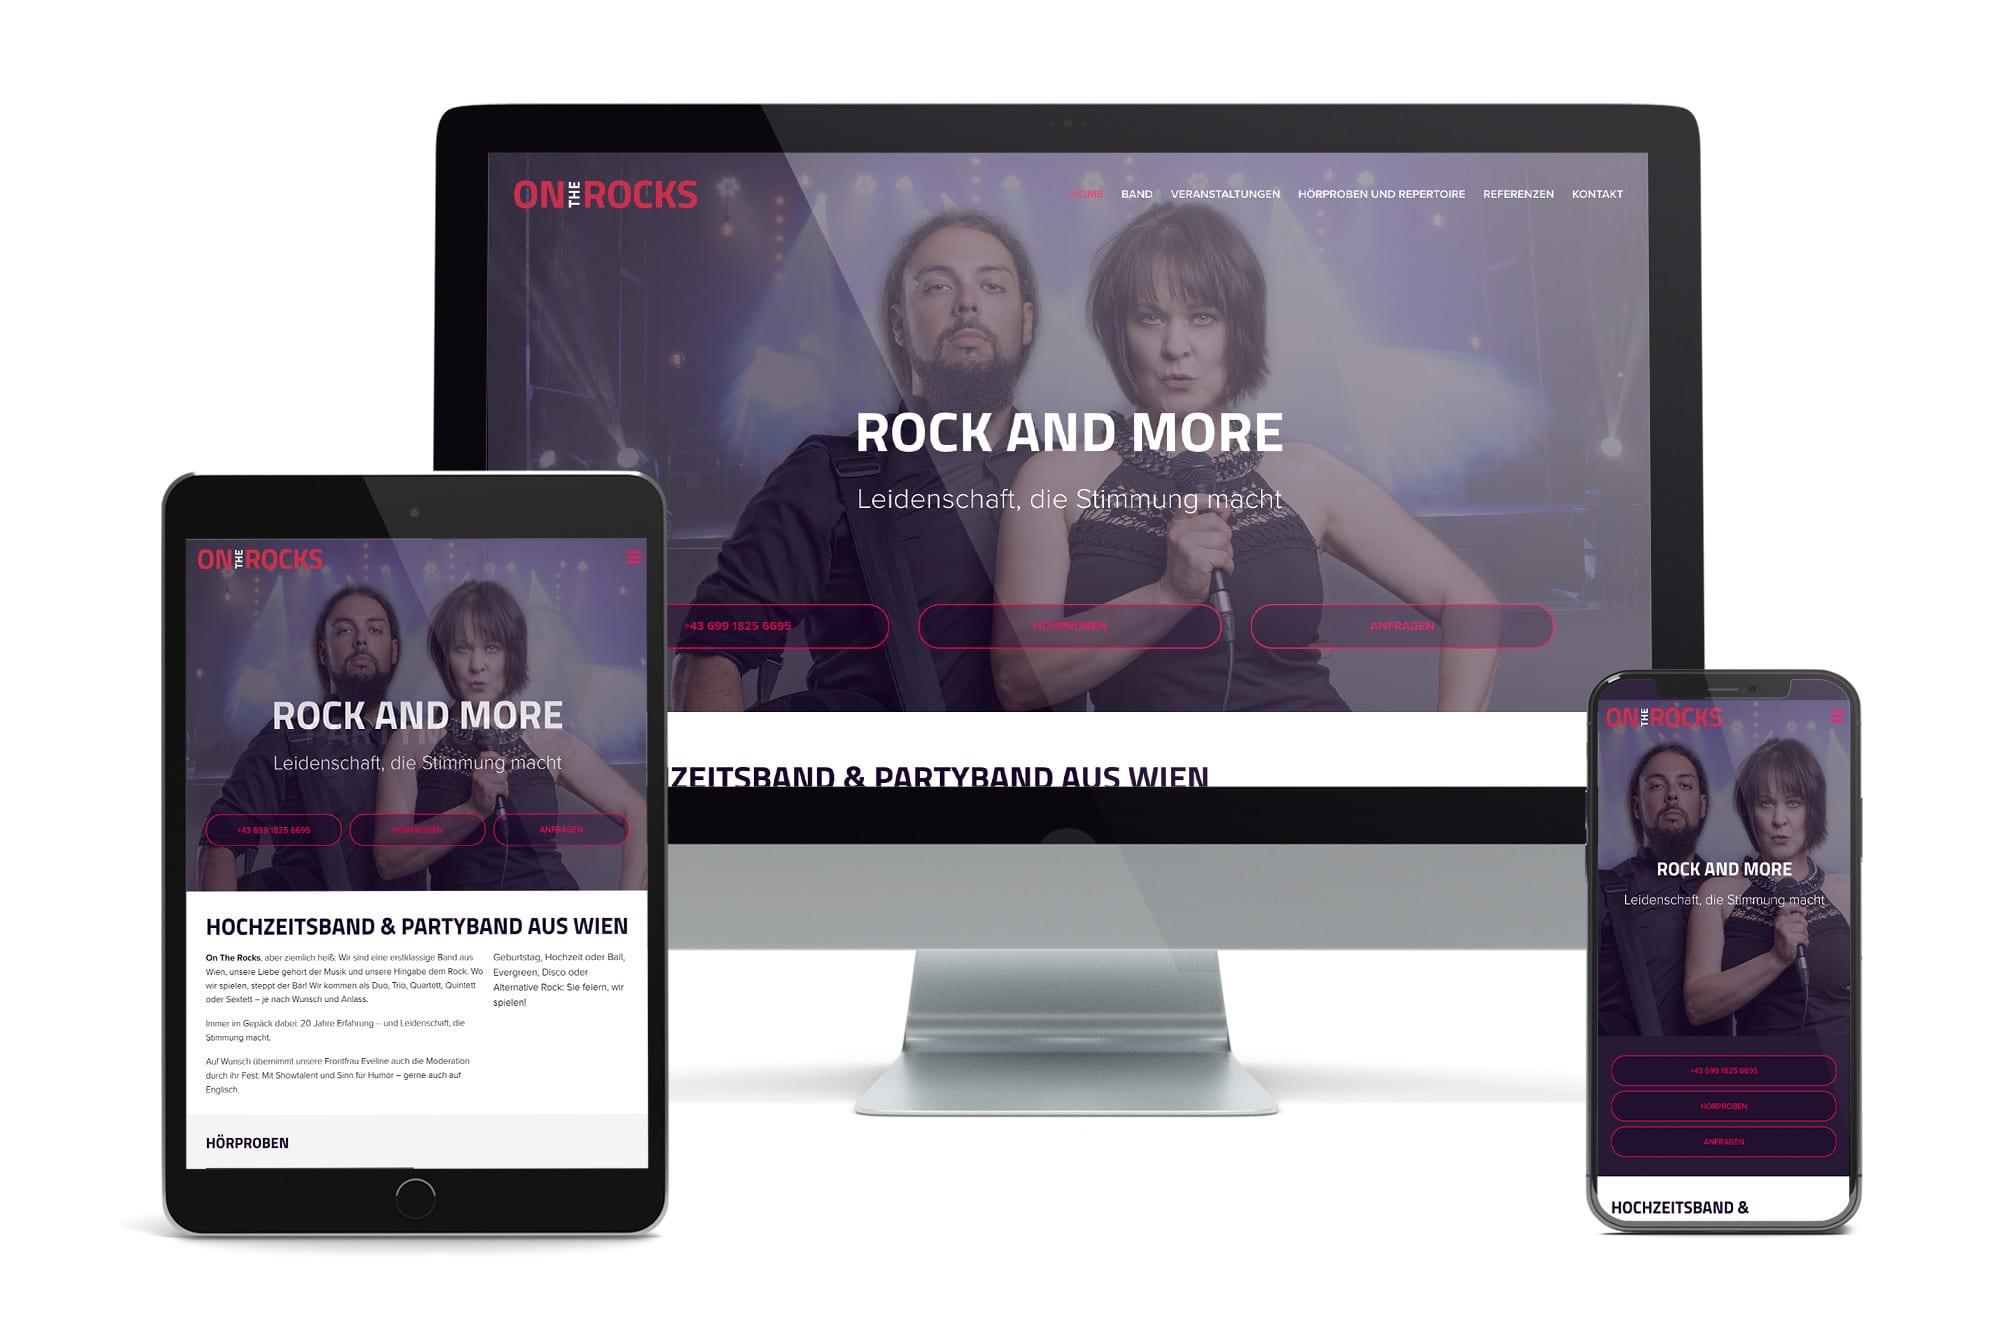 Webdesign Beispiel: Responsive Webdesign, WordPress für Hochzeitsband